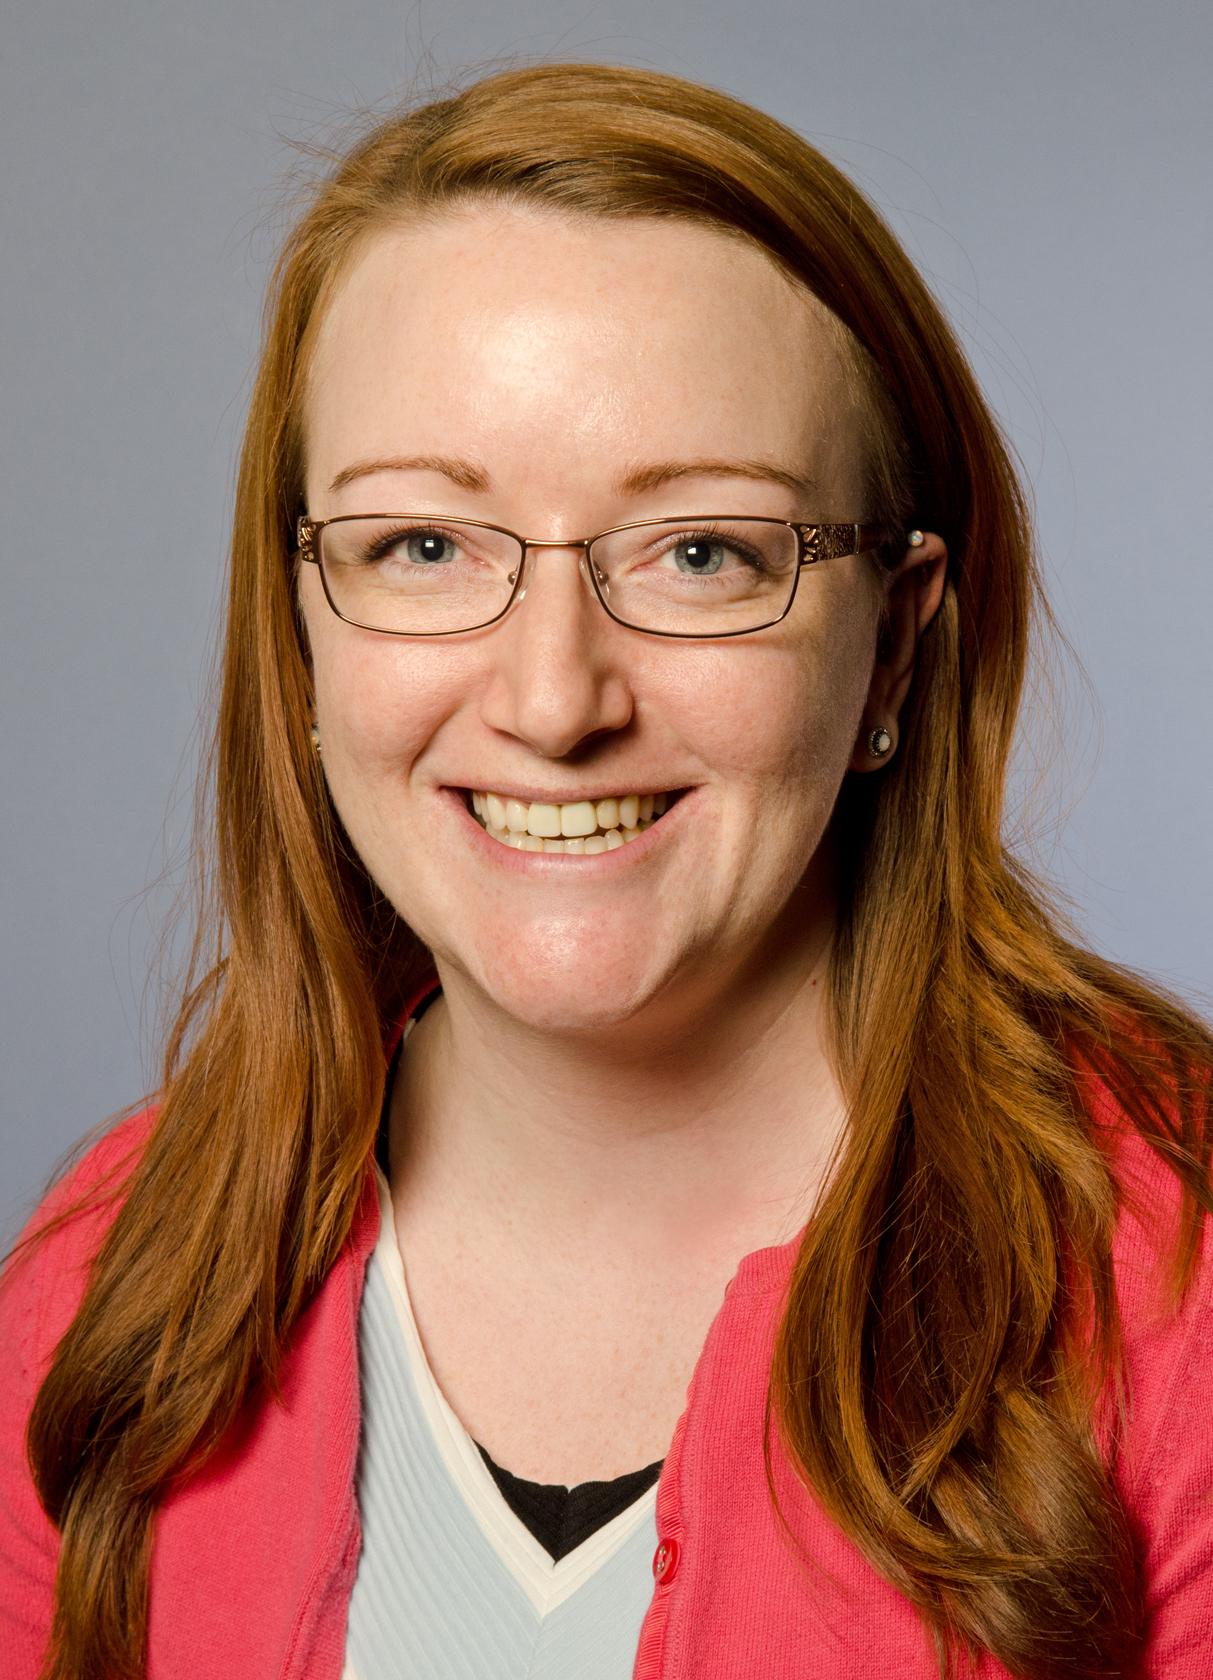 Kayle Dietrich